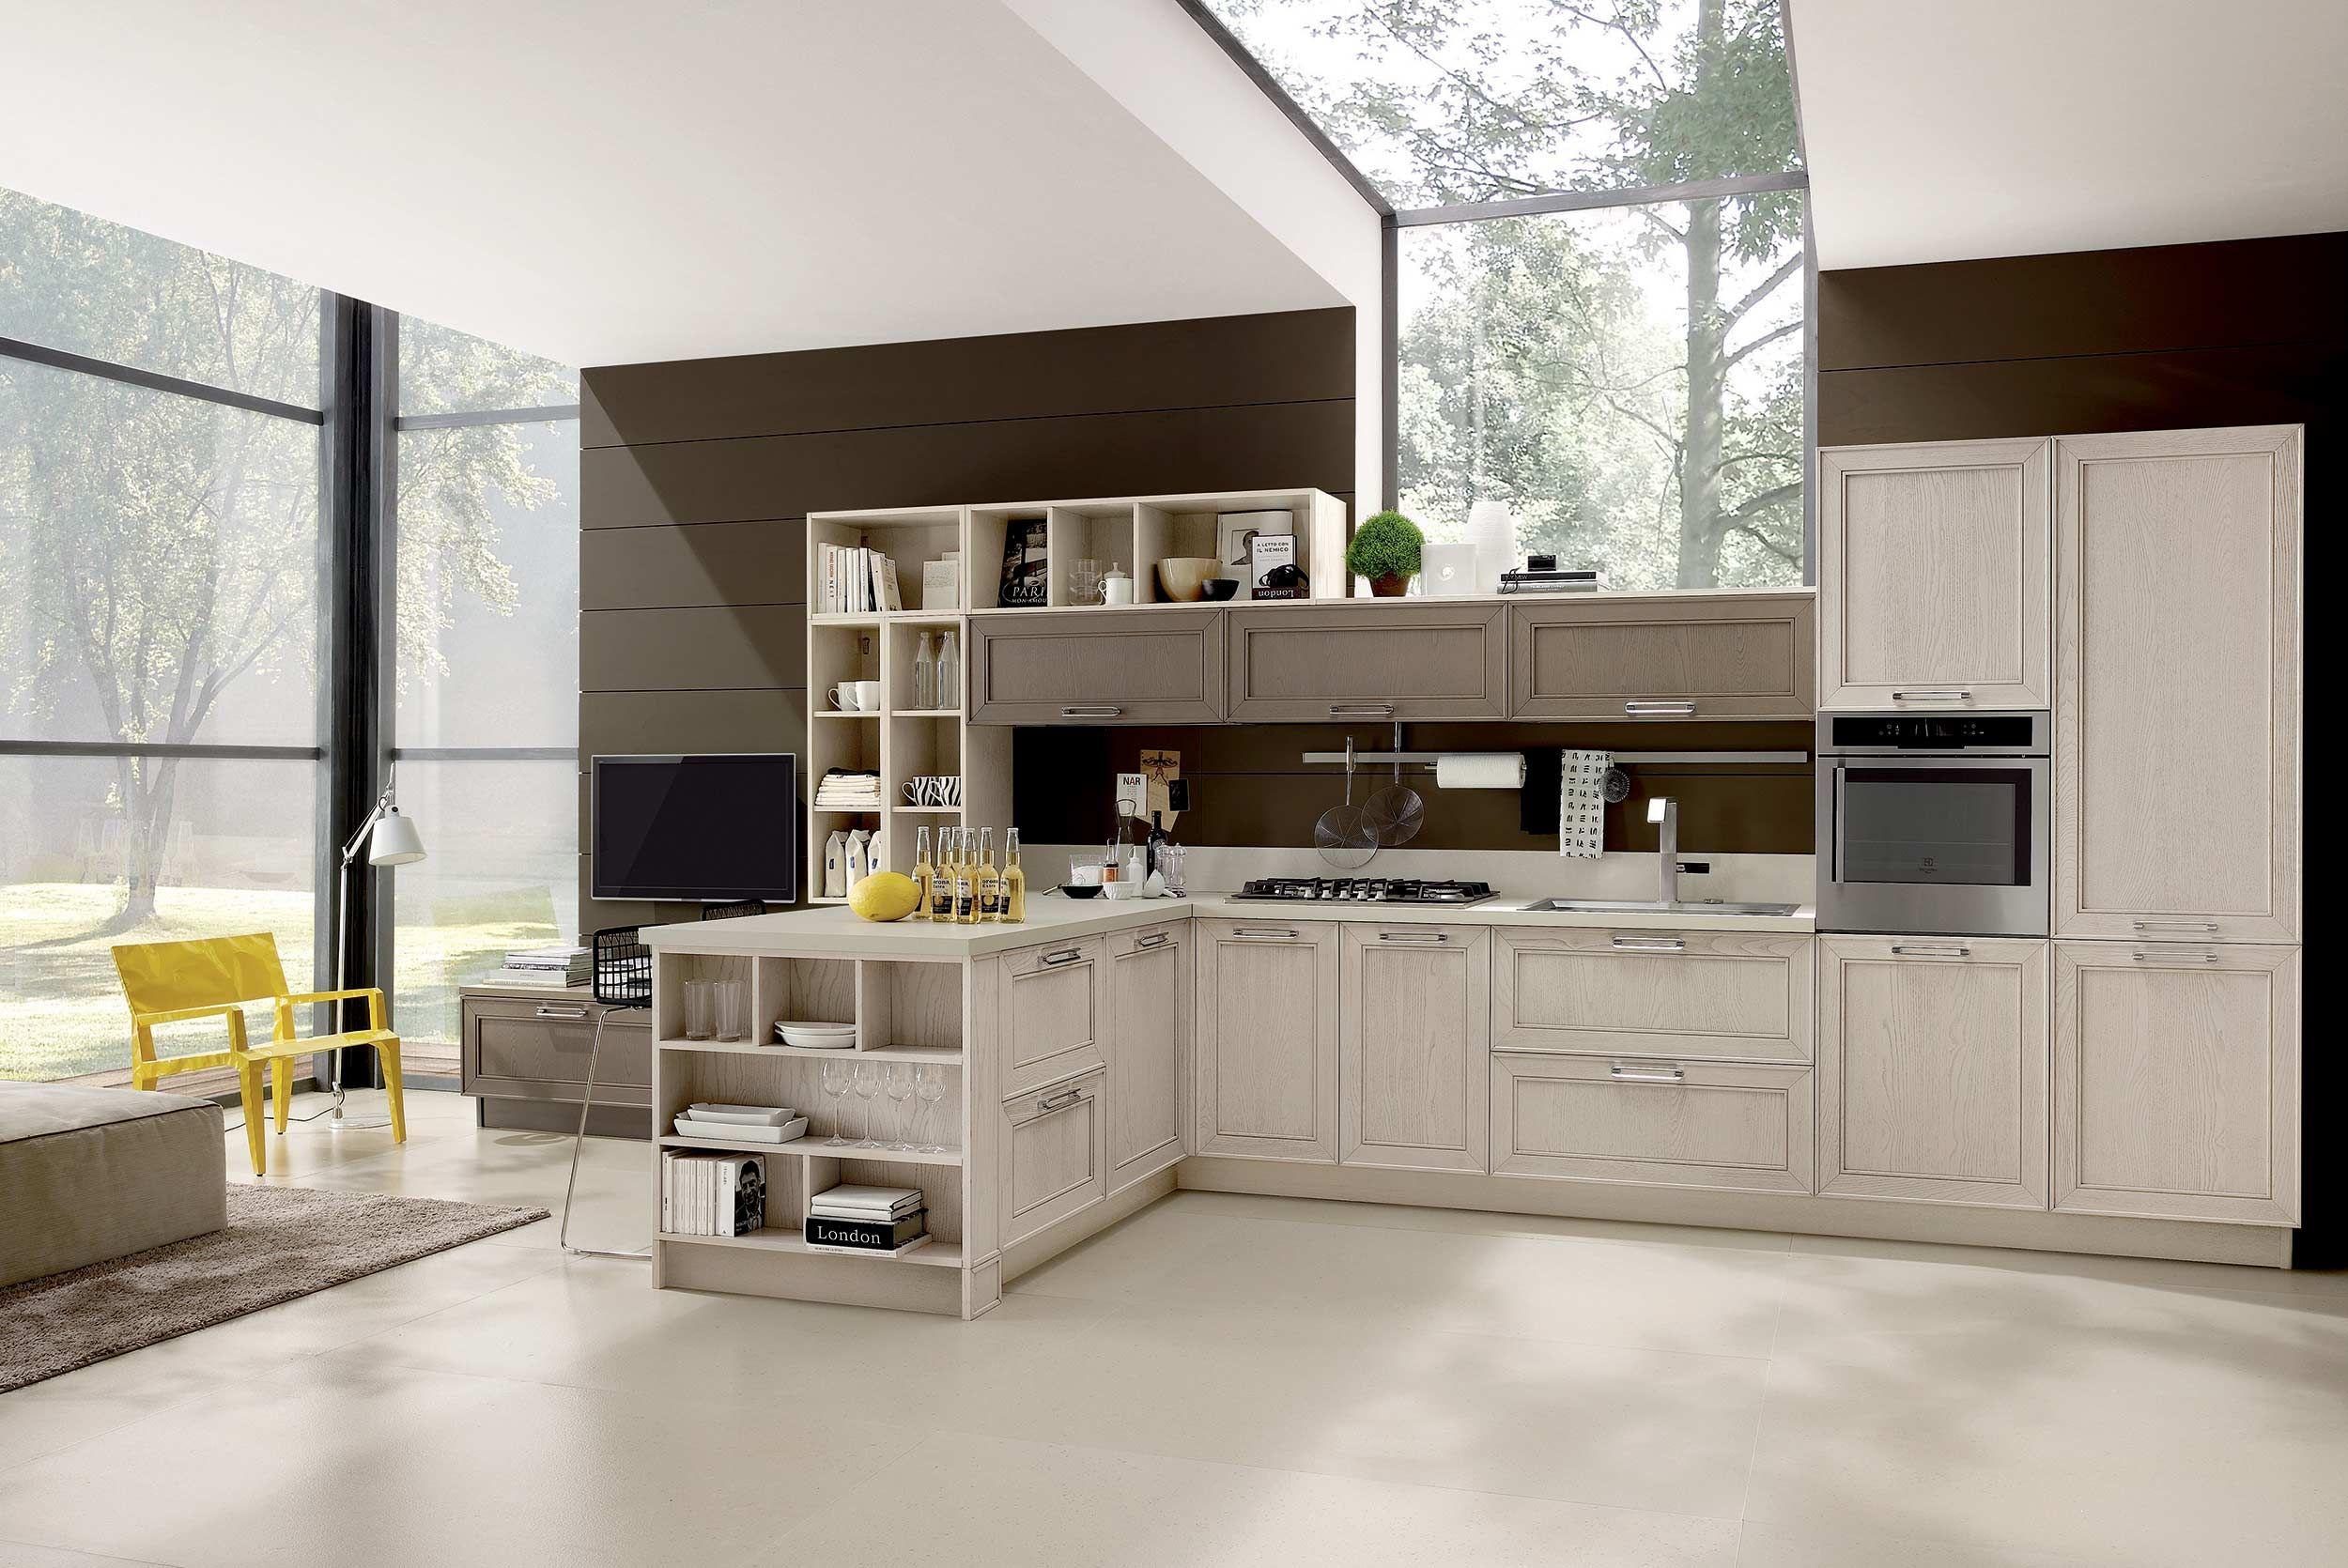 Cucine componibili contemporanee: scopri Maxim Stosa | suggestioni ...